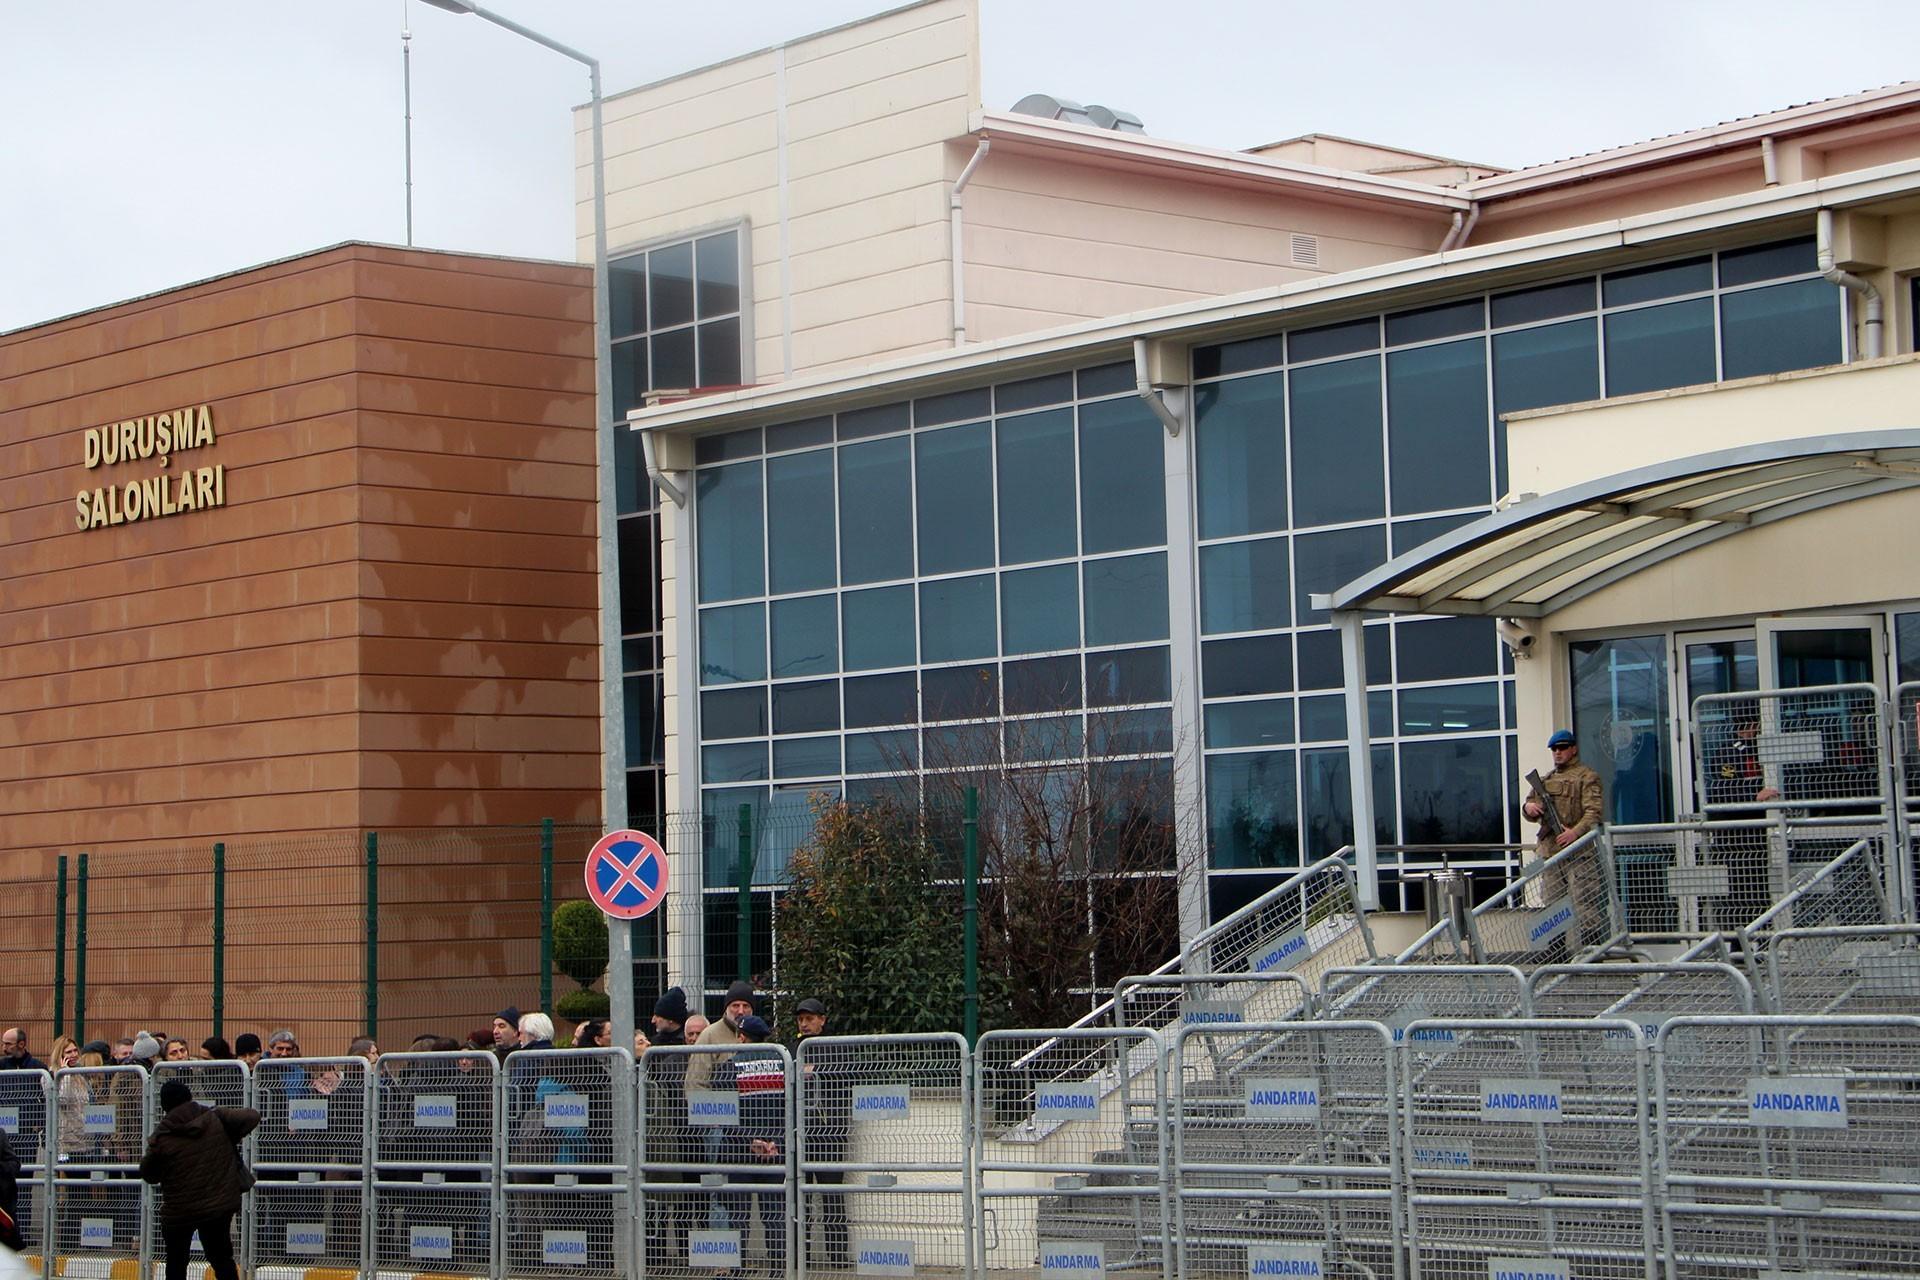 Silivri Ceza İnfaz Kurumları karşısındaki bina